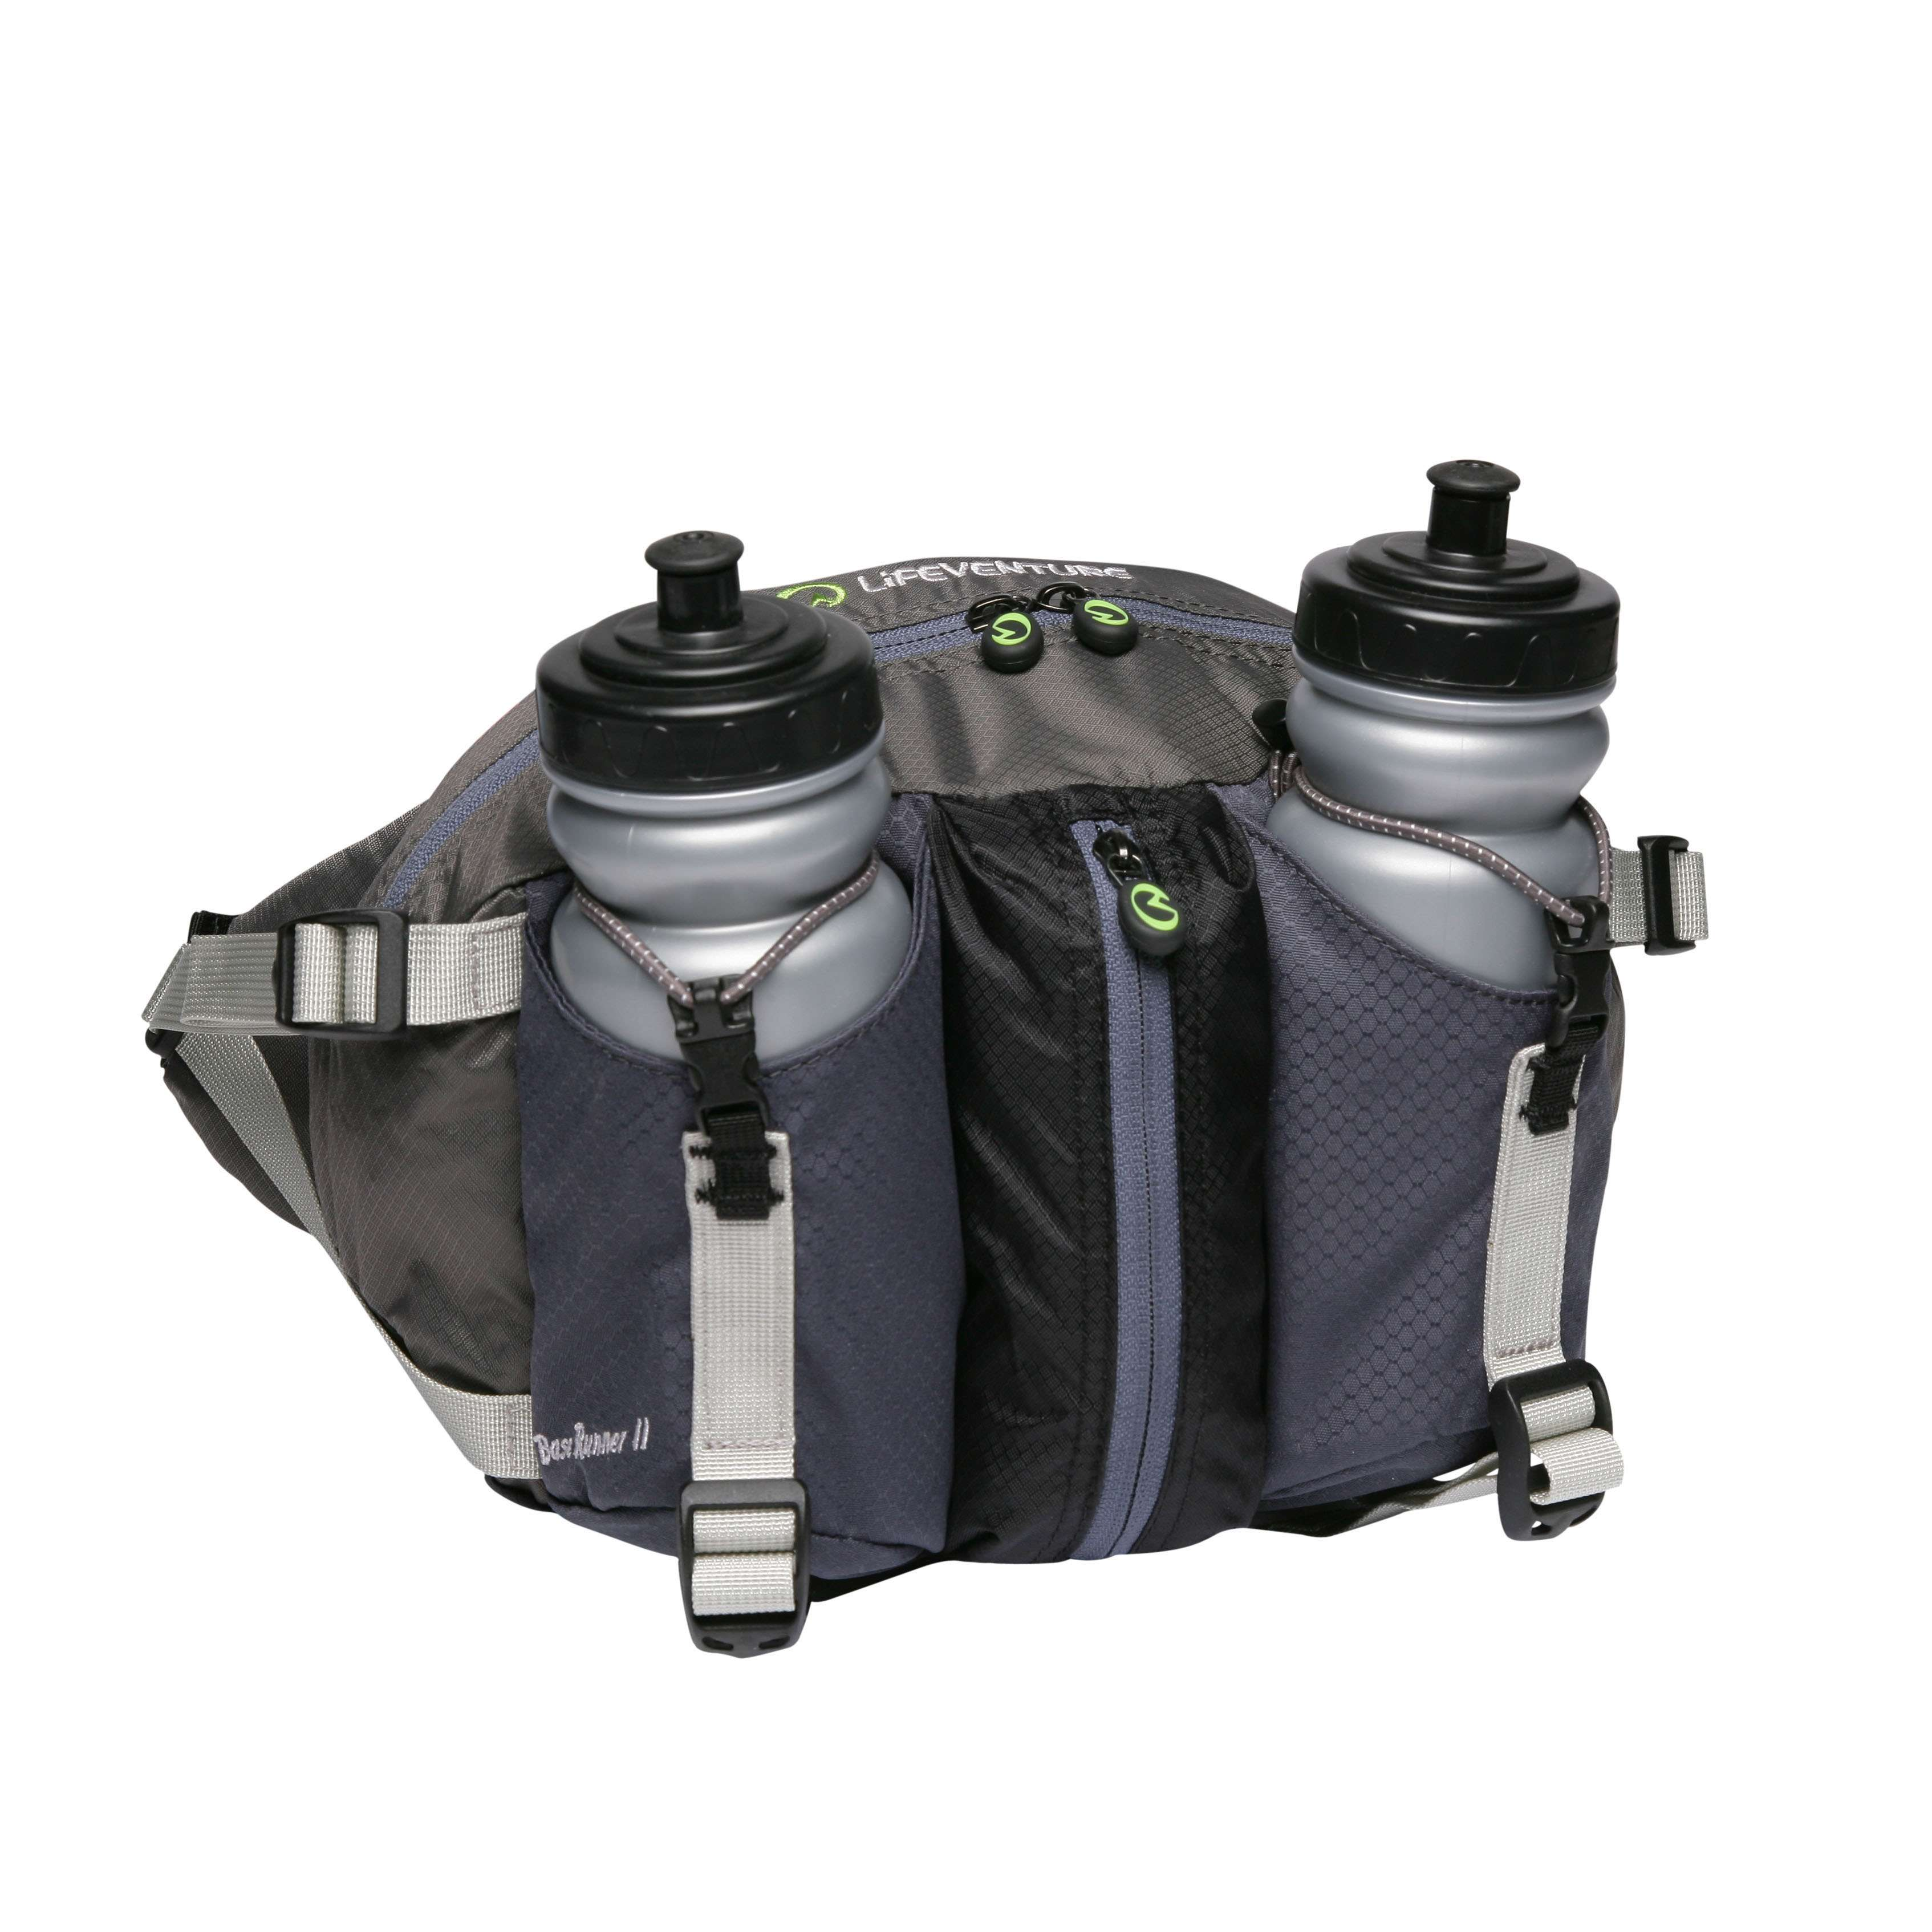 LIFEVENTURE Base Runner 2 Hip Pack